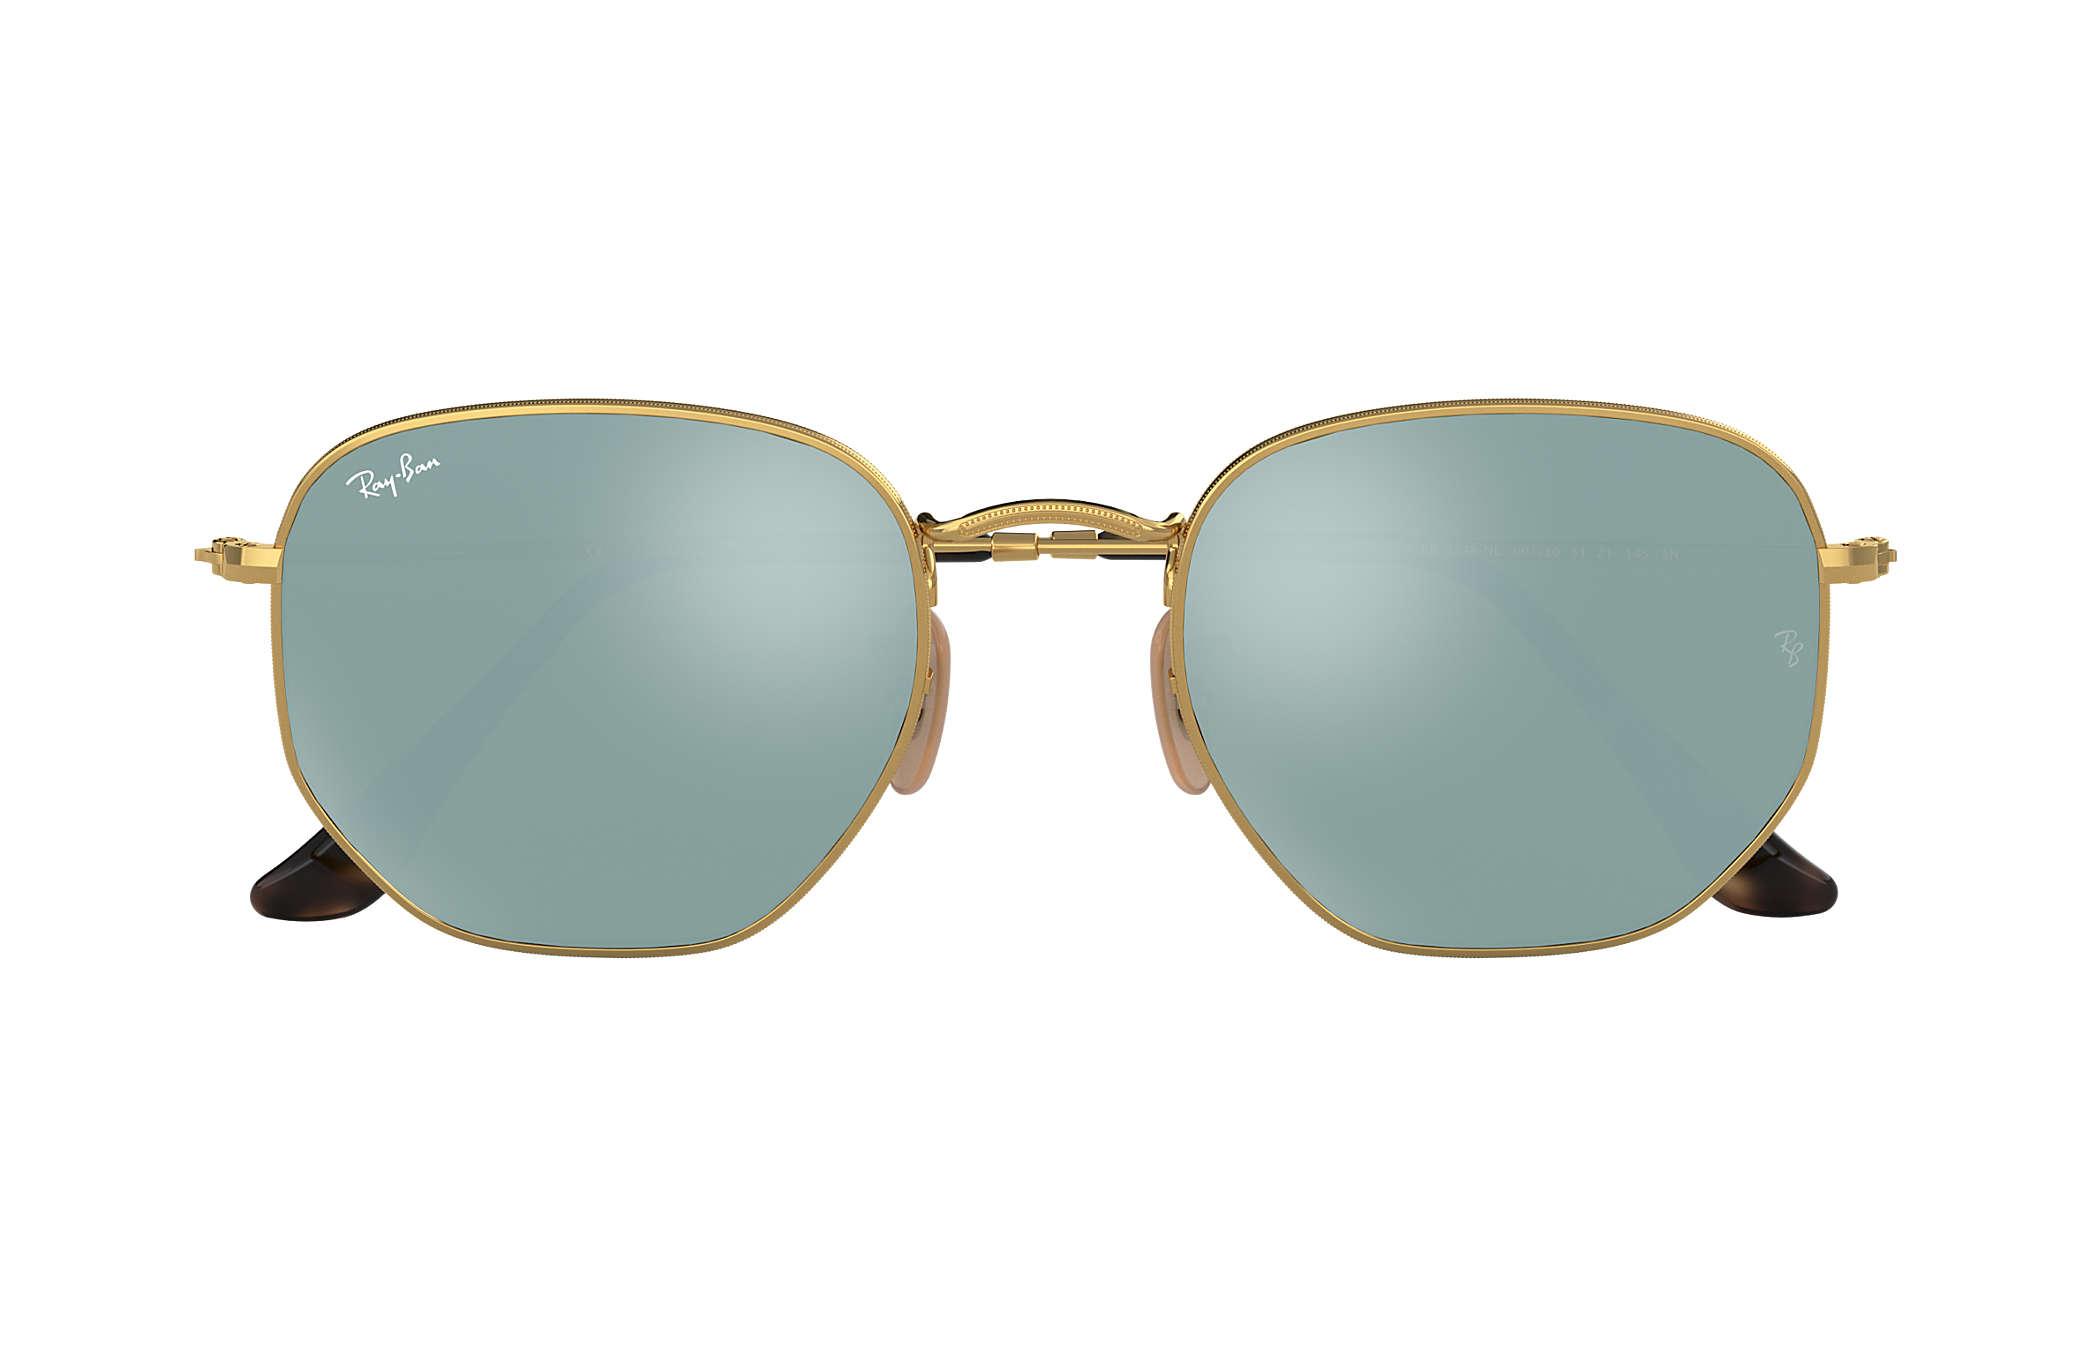 3dc188abe3a7e Ray-Ban Hexagonal Flat Lenses RB3548NL Ouro - Metal - Lentes Prata ...